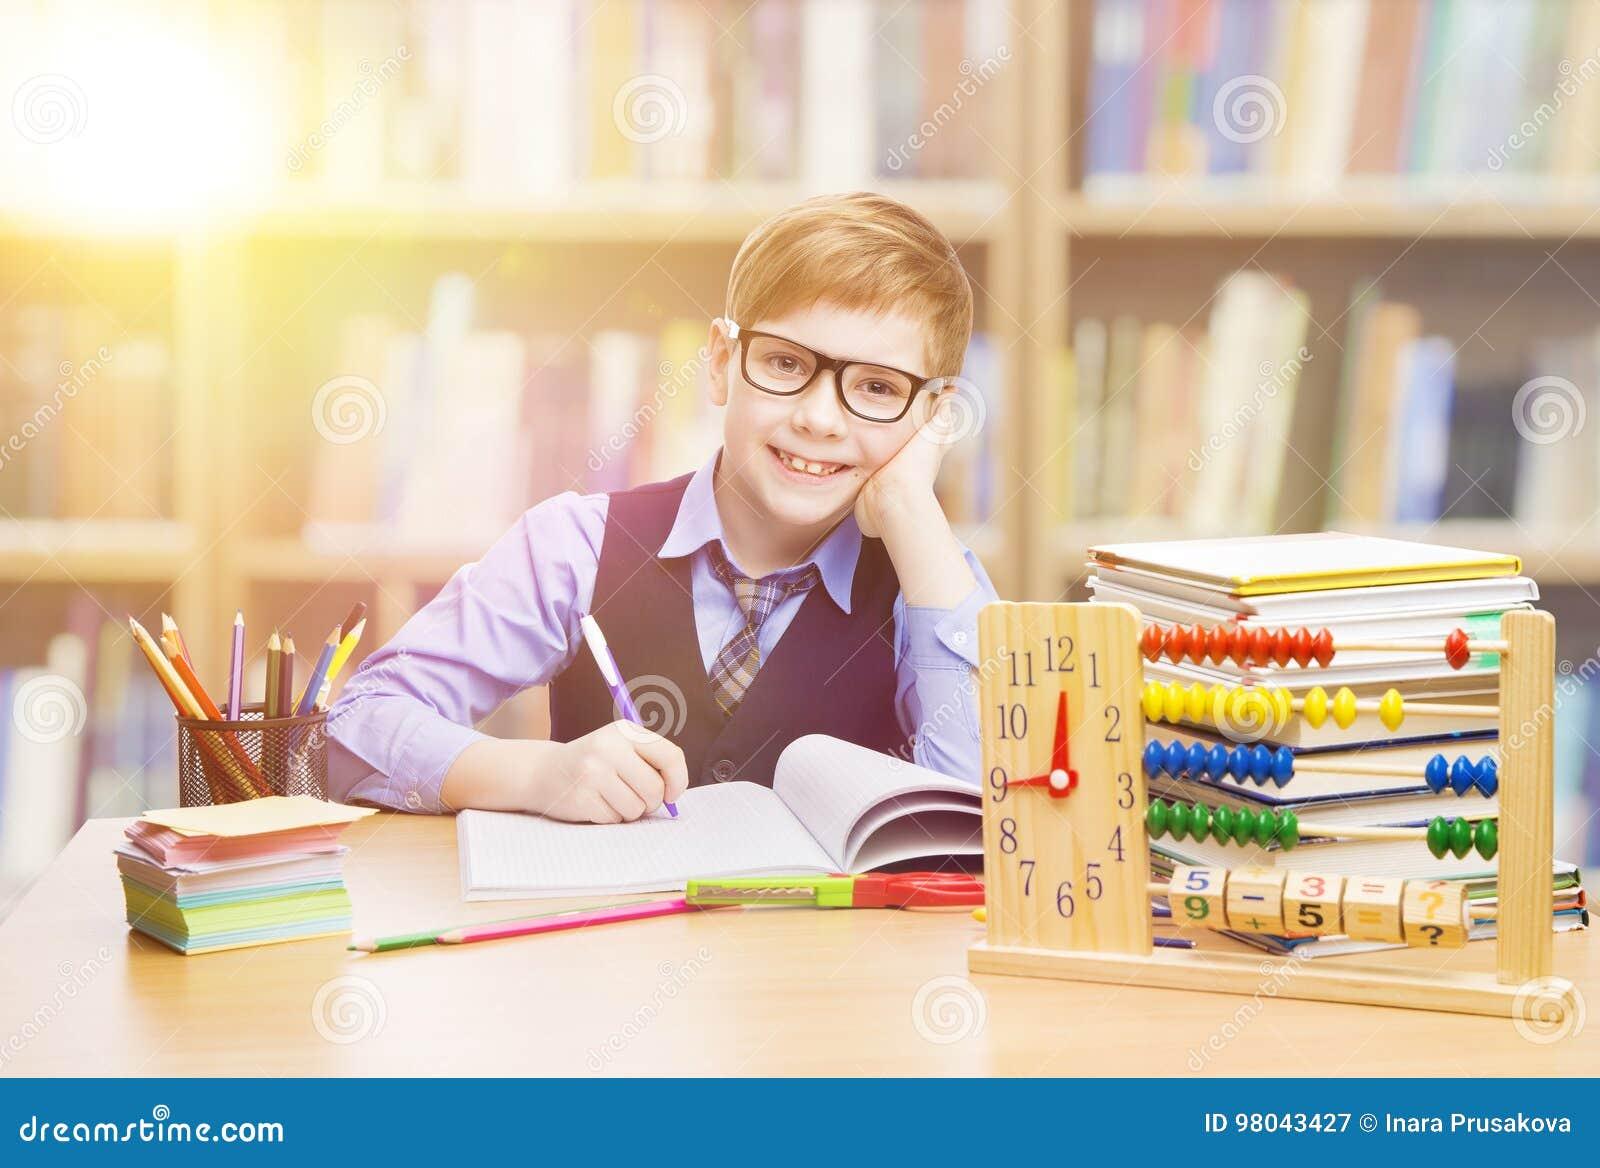 Studente Child a scuola, ragazzo del bambino che impara matematica in Classro